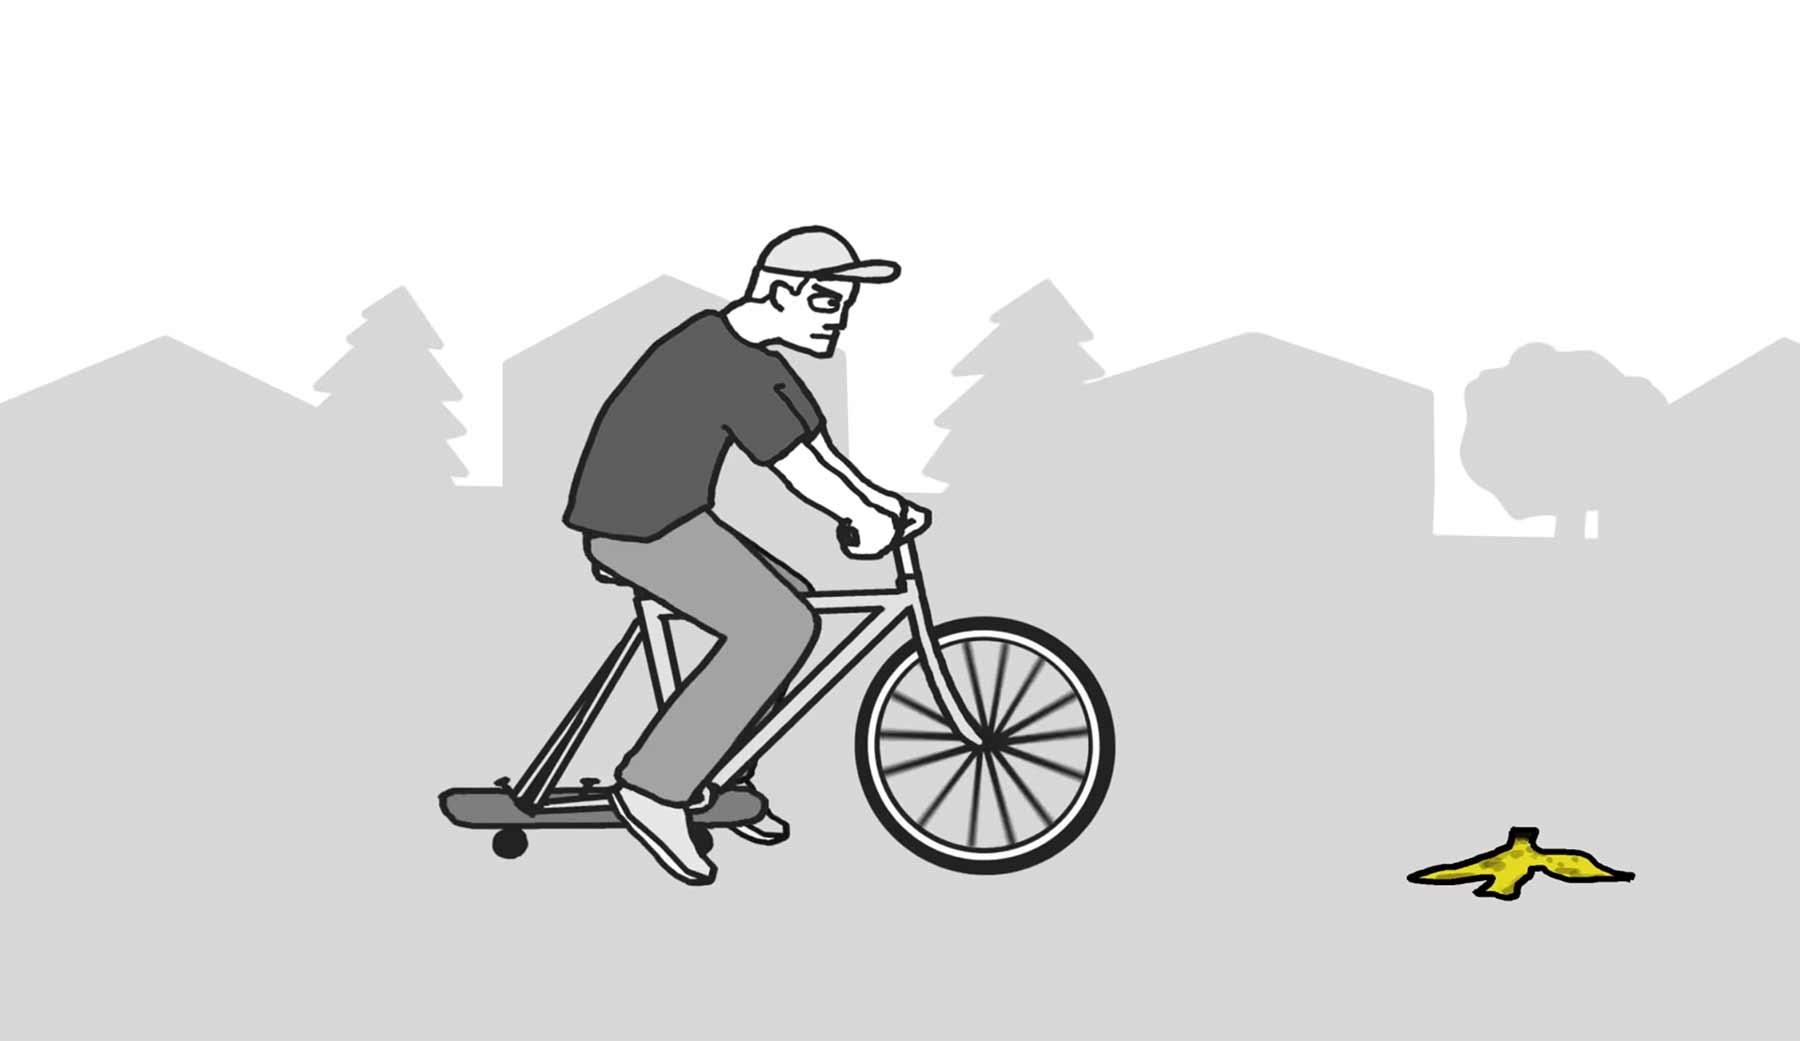 Animierte Polizei-Protokolle skurriler Kleinstadteinsätze